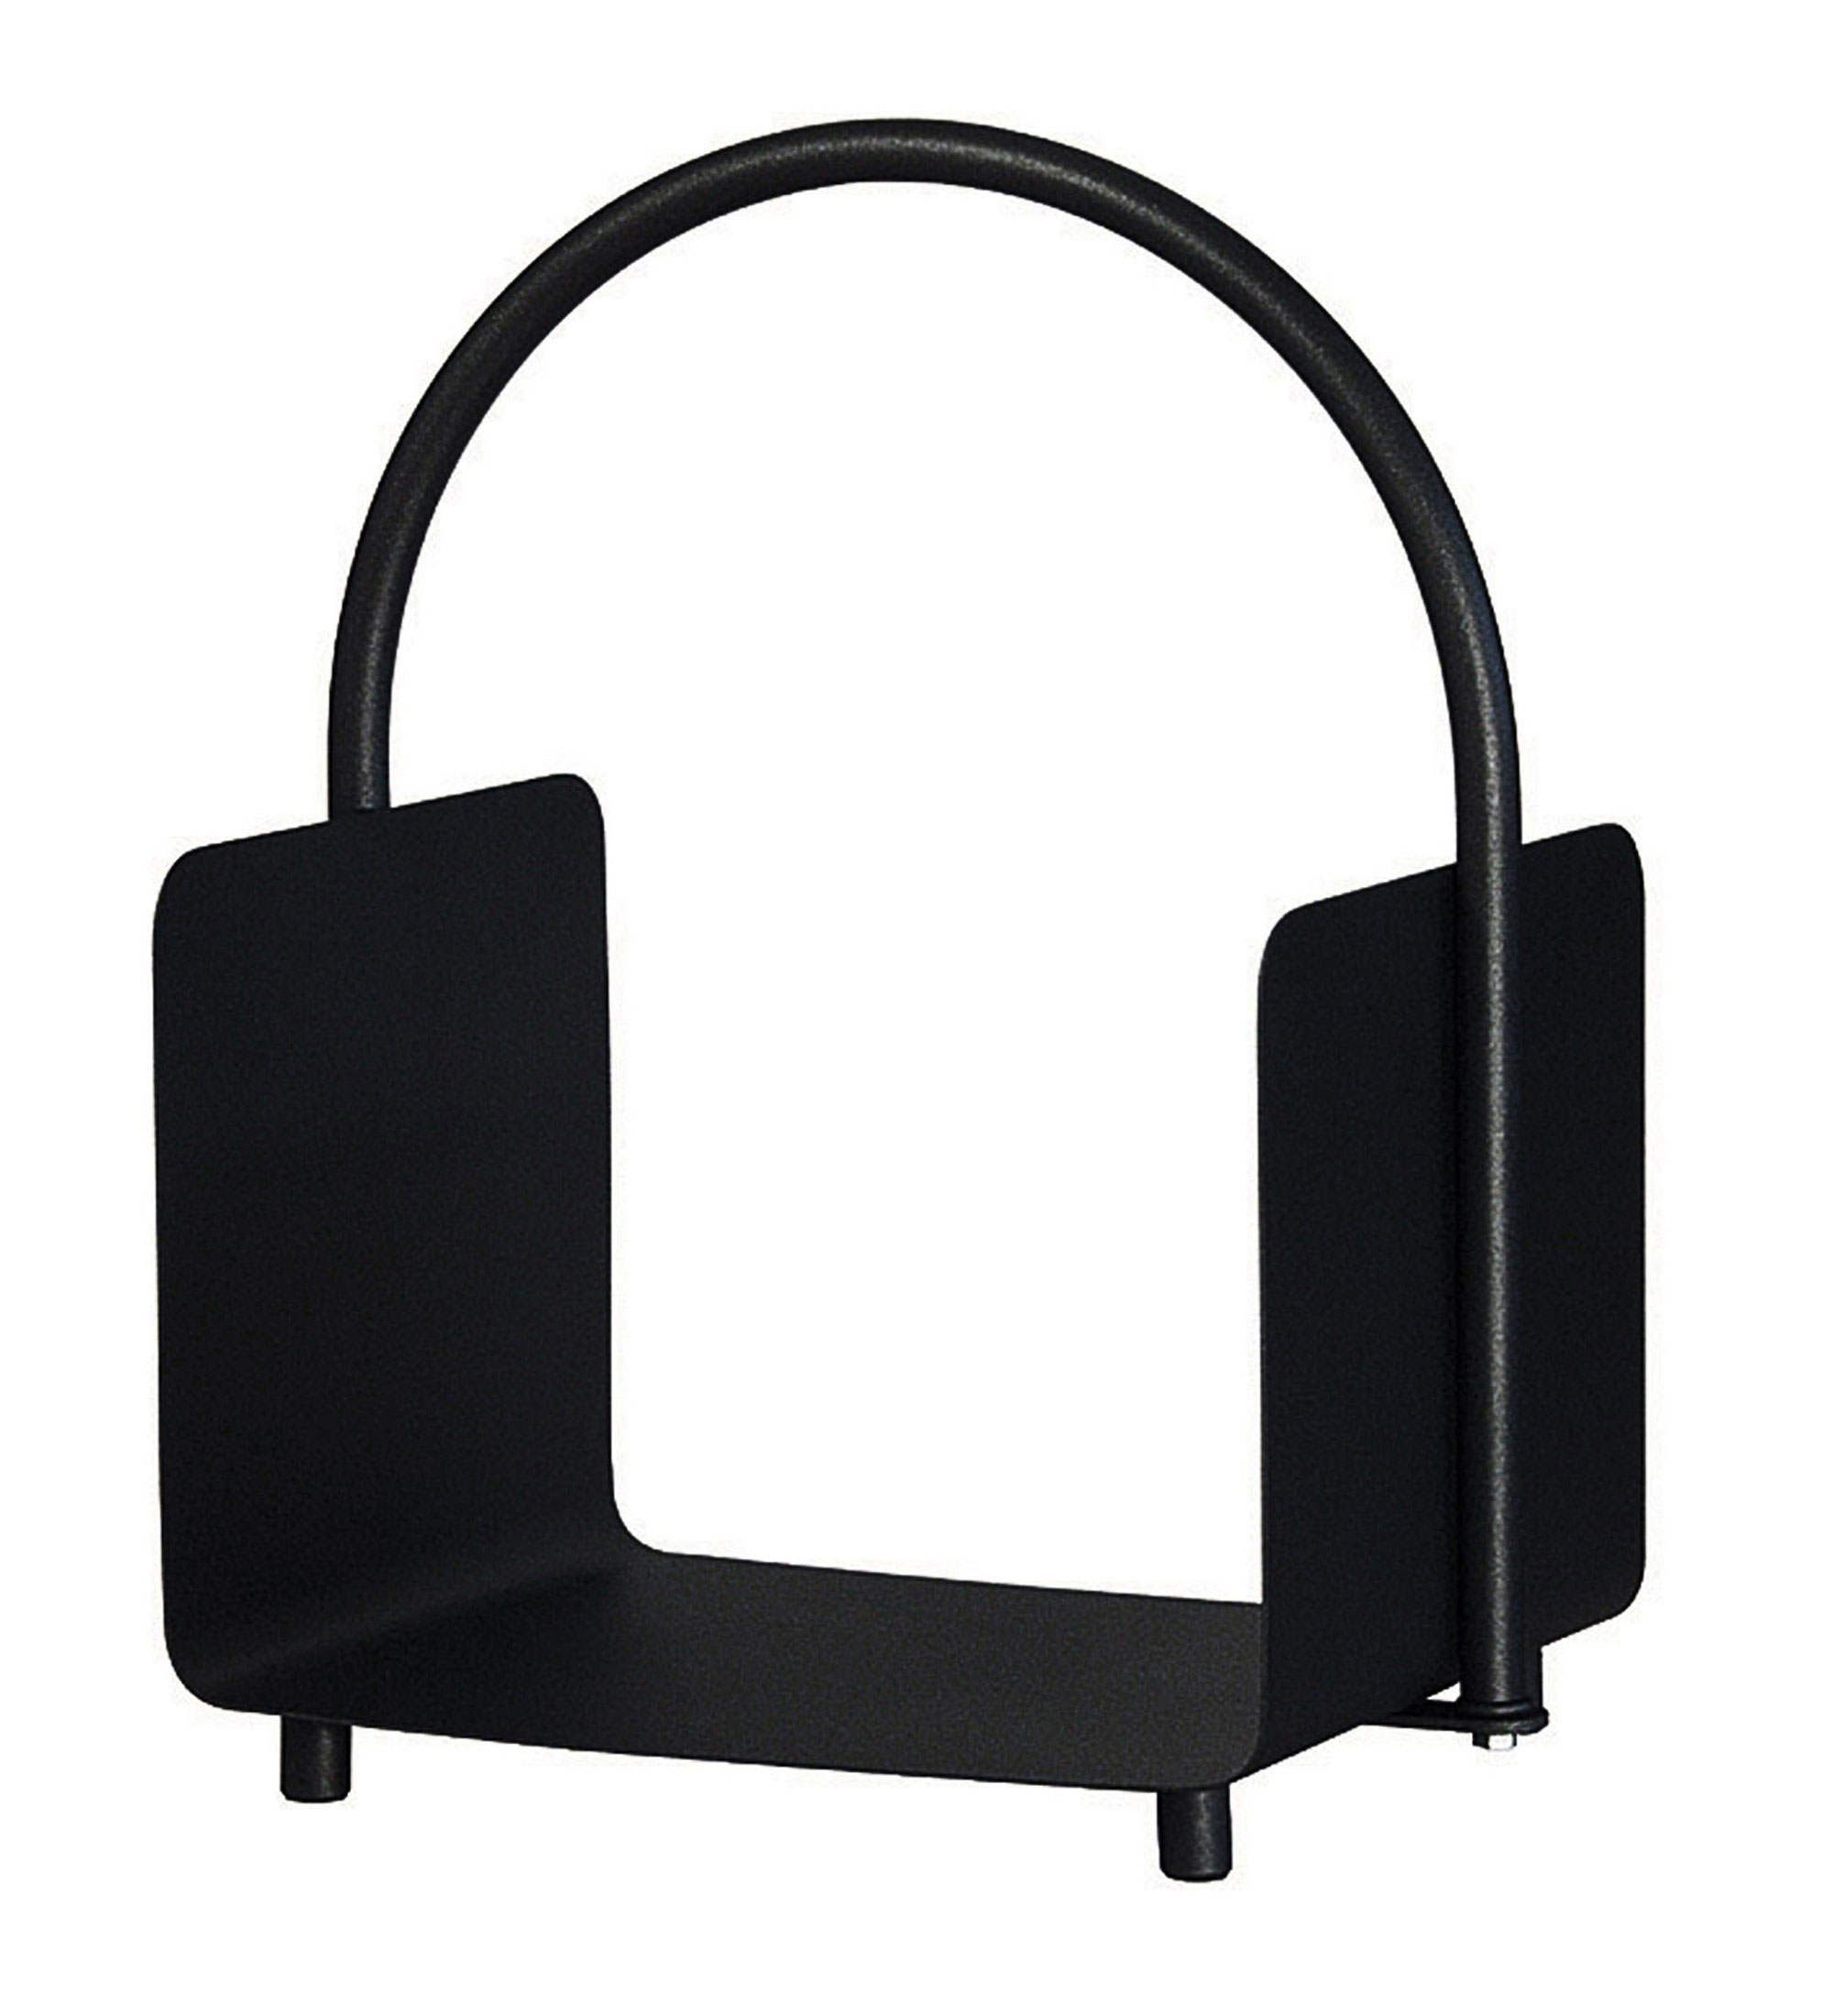 Holzkorb / Holzlege Lienbacher schwarz beschichtet 37x30x51,5cm Bild 1